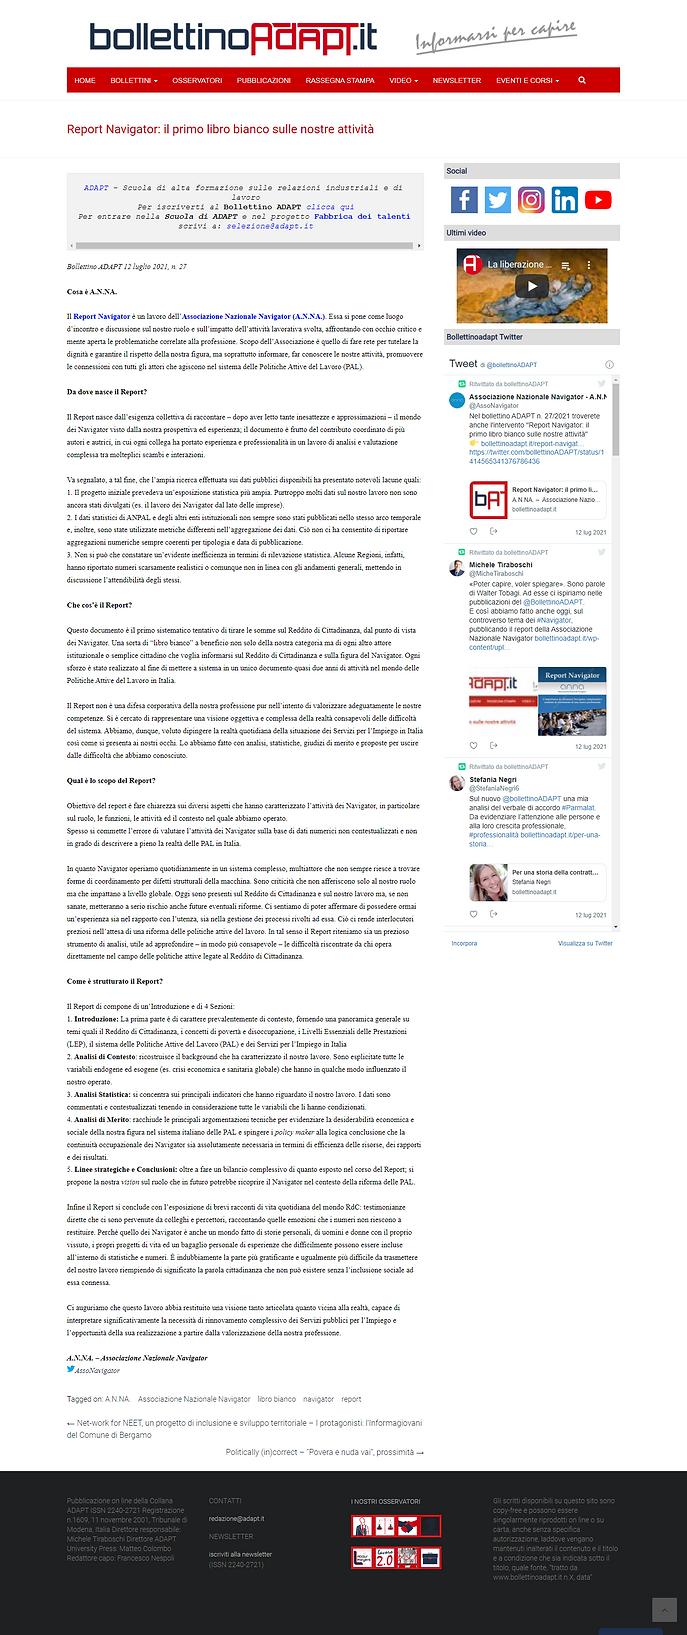 Report-Navigator-il-primo-libro-bianco-sulle-nostre-attività-Bollettino-Adapt.png